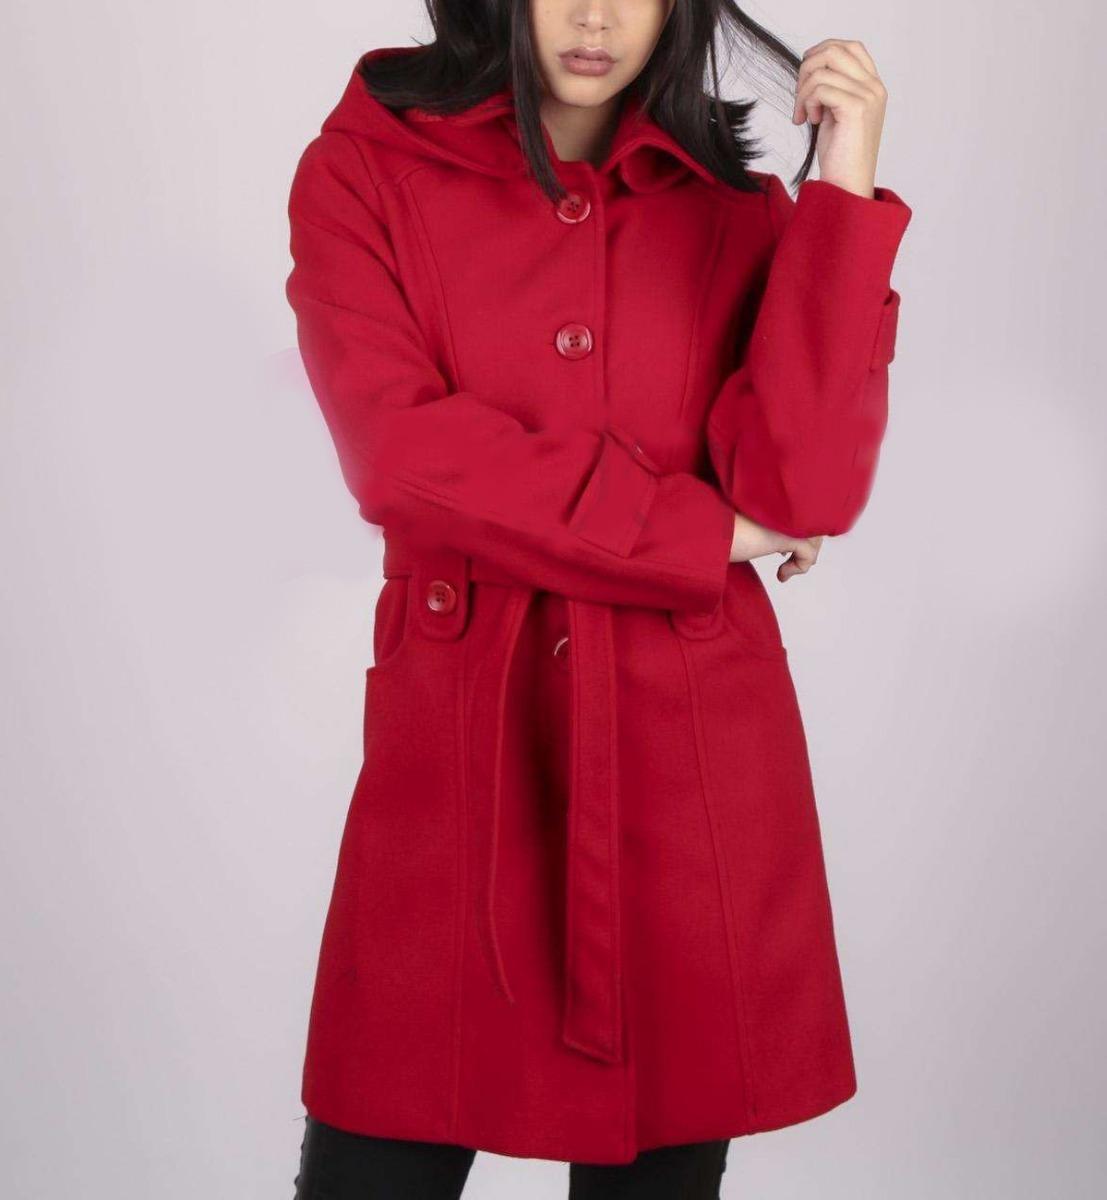 2699be9addae9 Tapado Saco Paño Largo Rojo Capucha Desmontable Abrigo Mujer ...